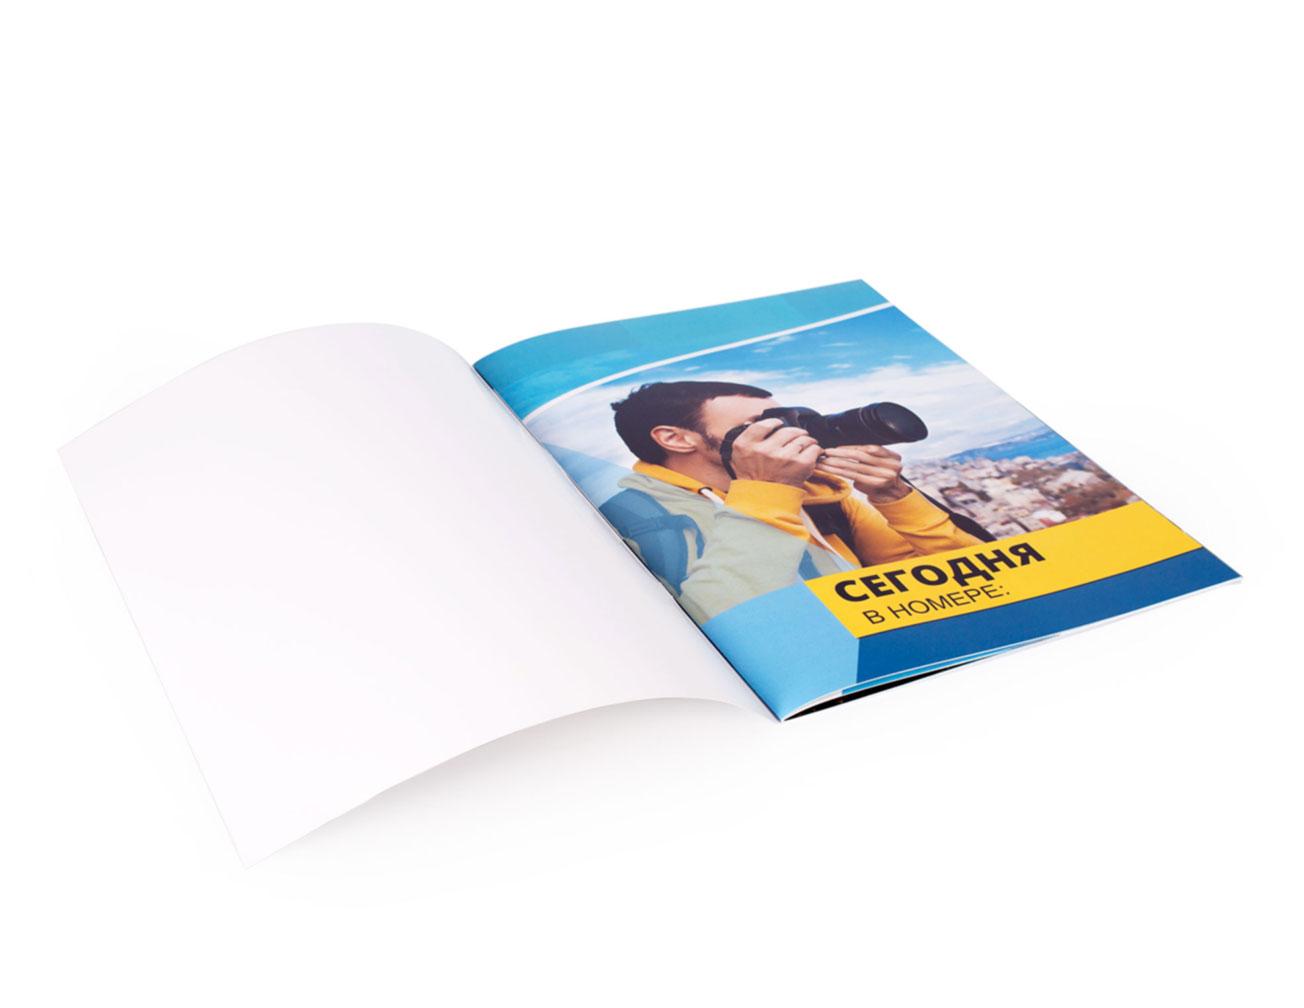 Создавайте брошюры в Санкт-Петербурге для каталогов и портфолио